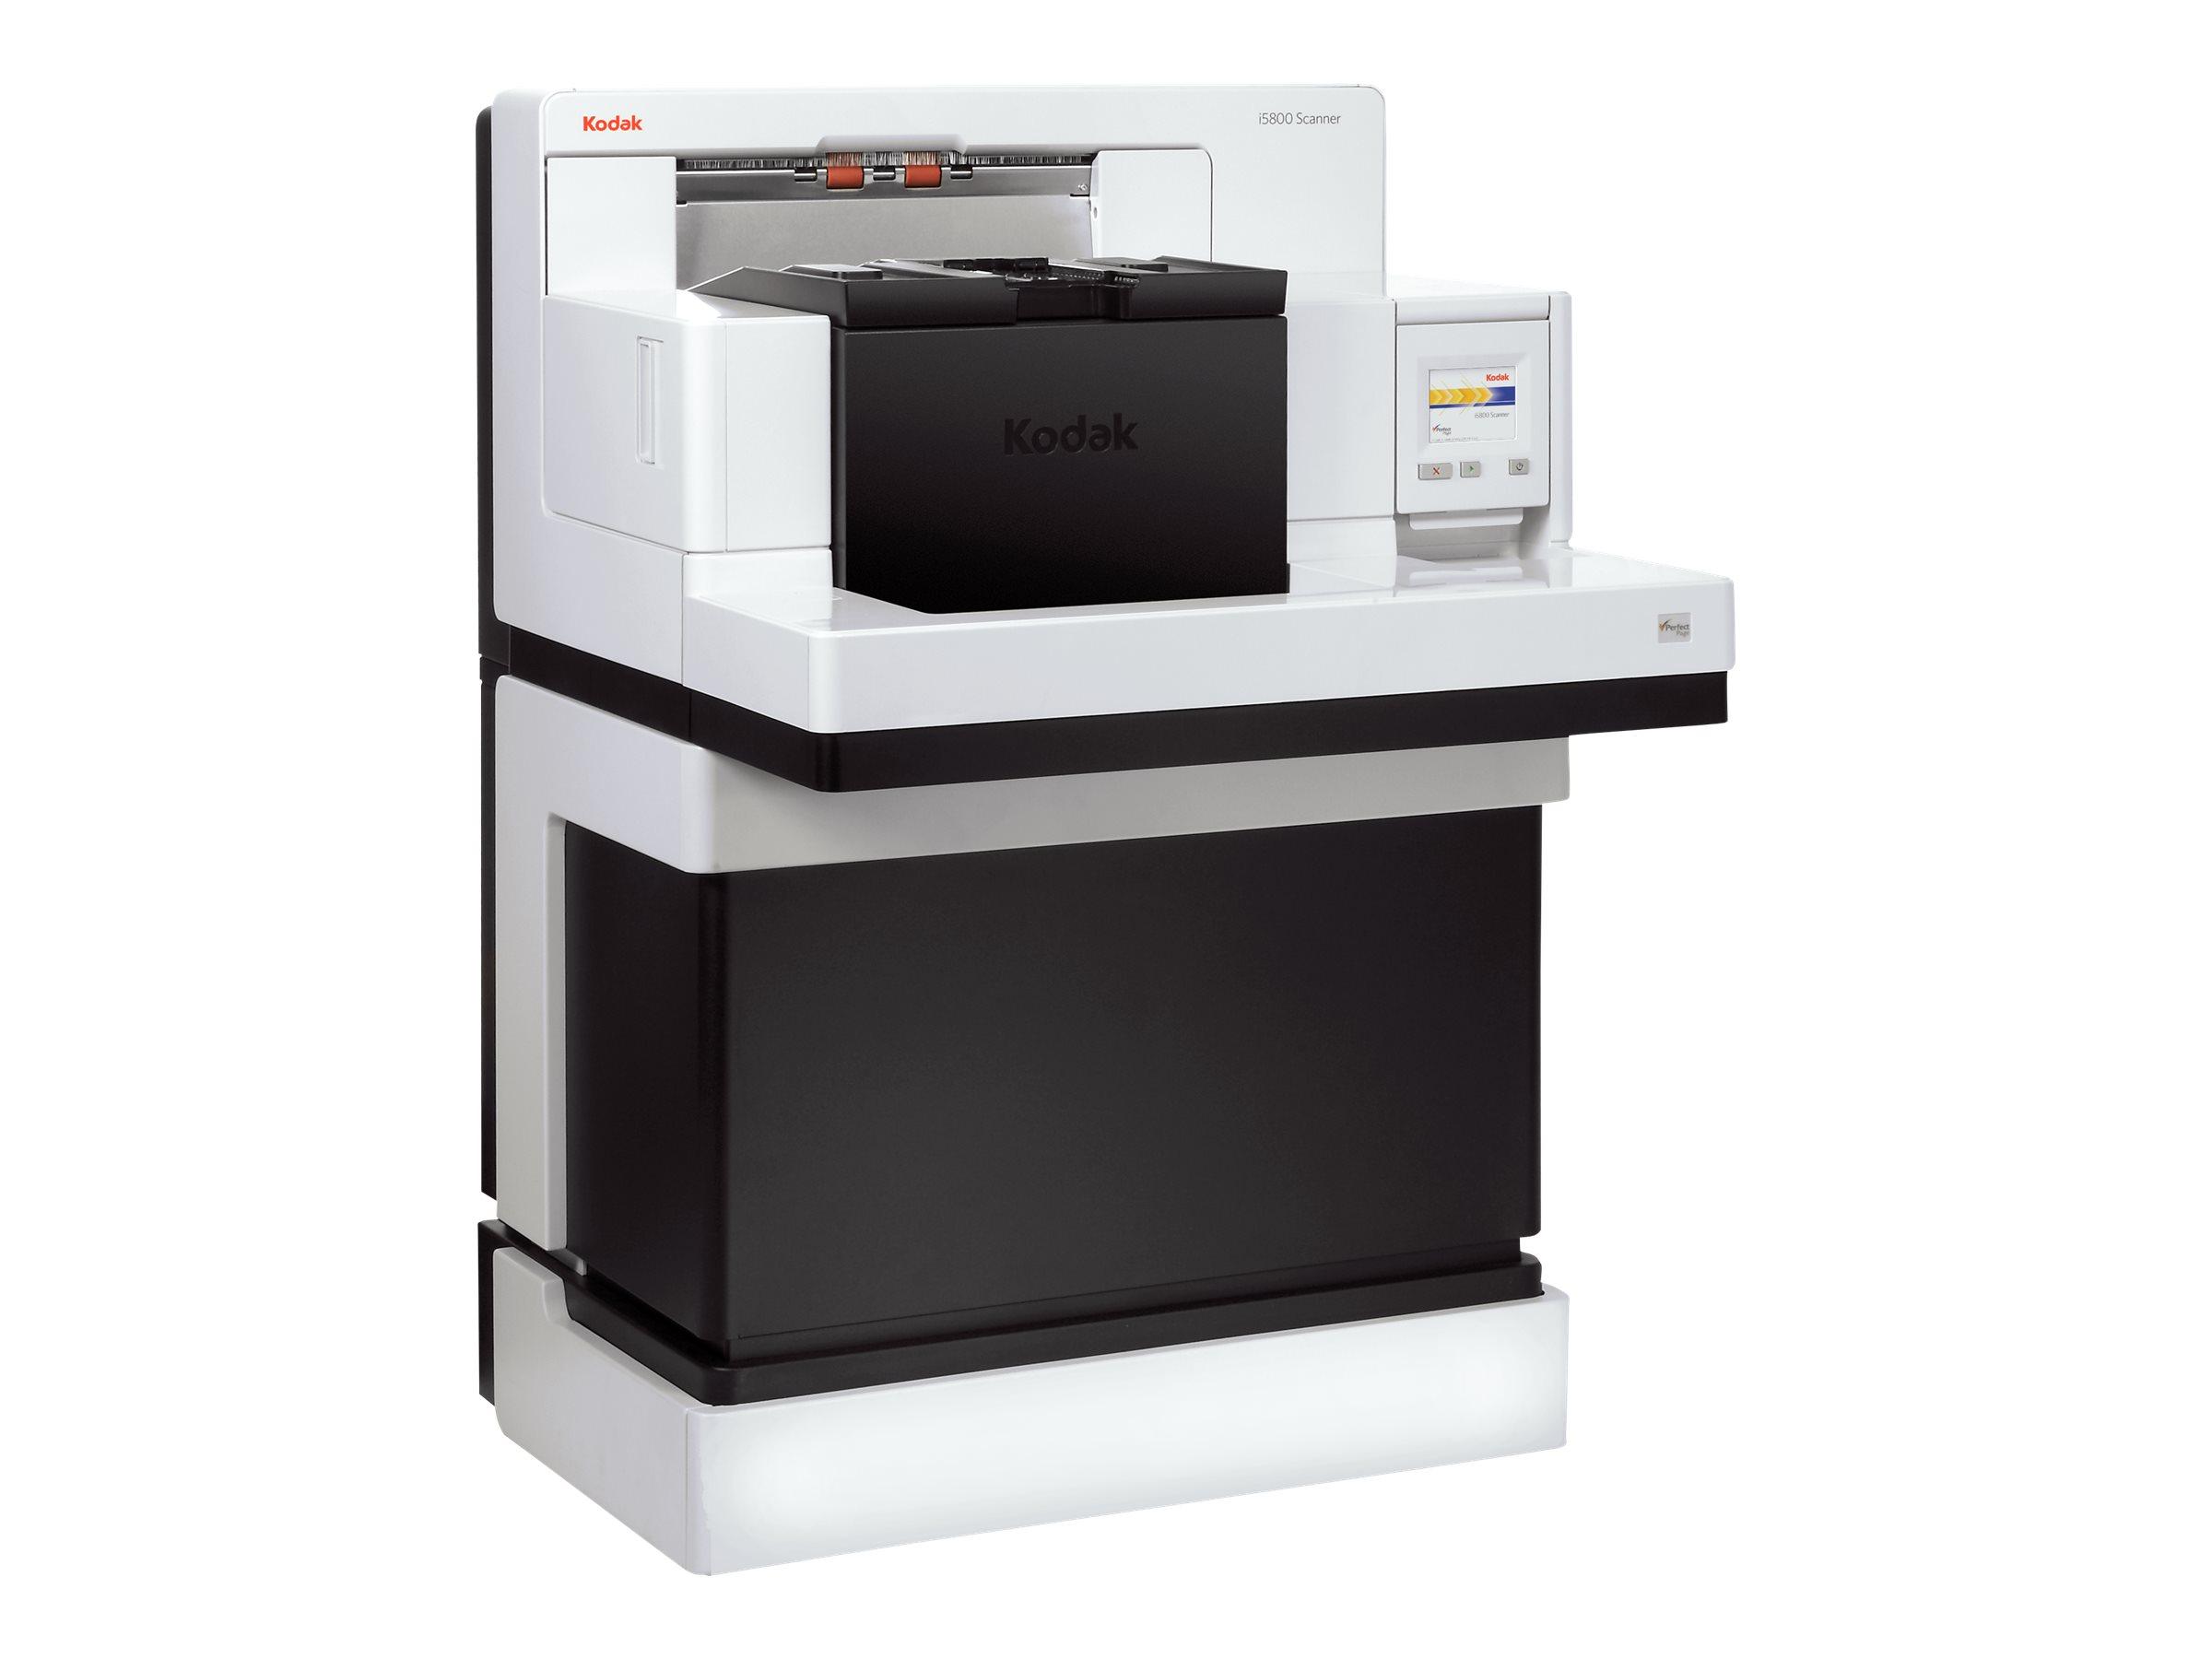 Kodak i5850 - Dokumentenscanner - Duplex - 304.8 x 4600 mm - 600 dpi x 600 dpi - bis zu 210 Seiten/Min. (einfarbig) / bis zu 210